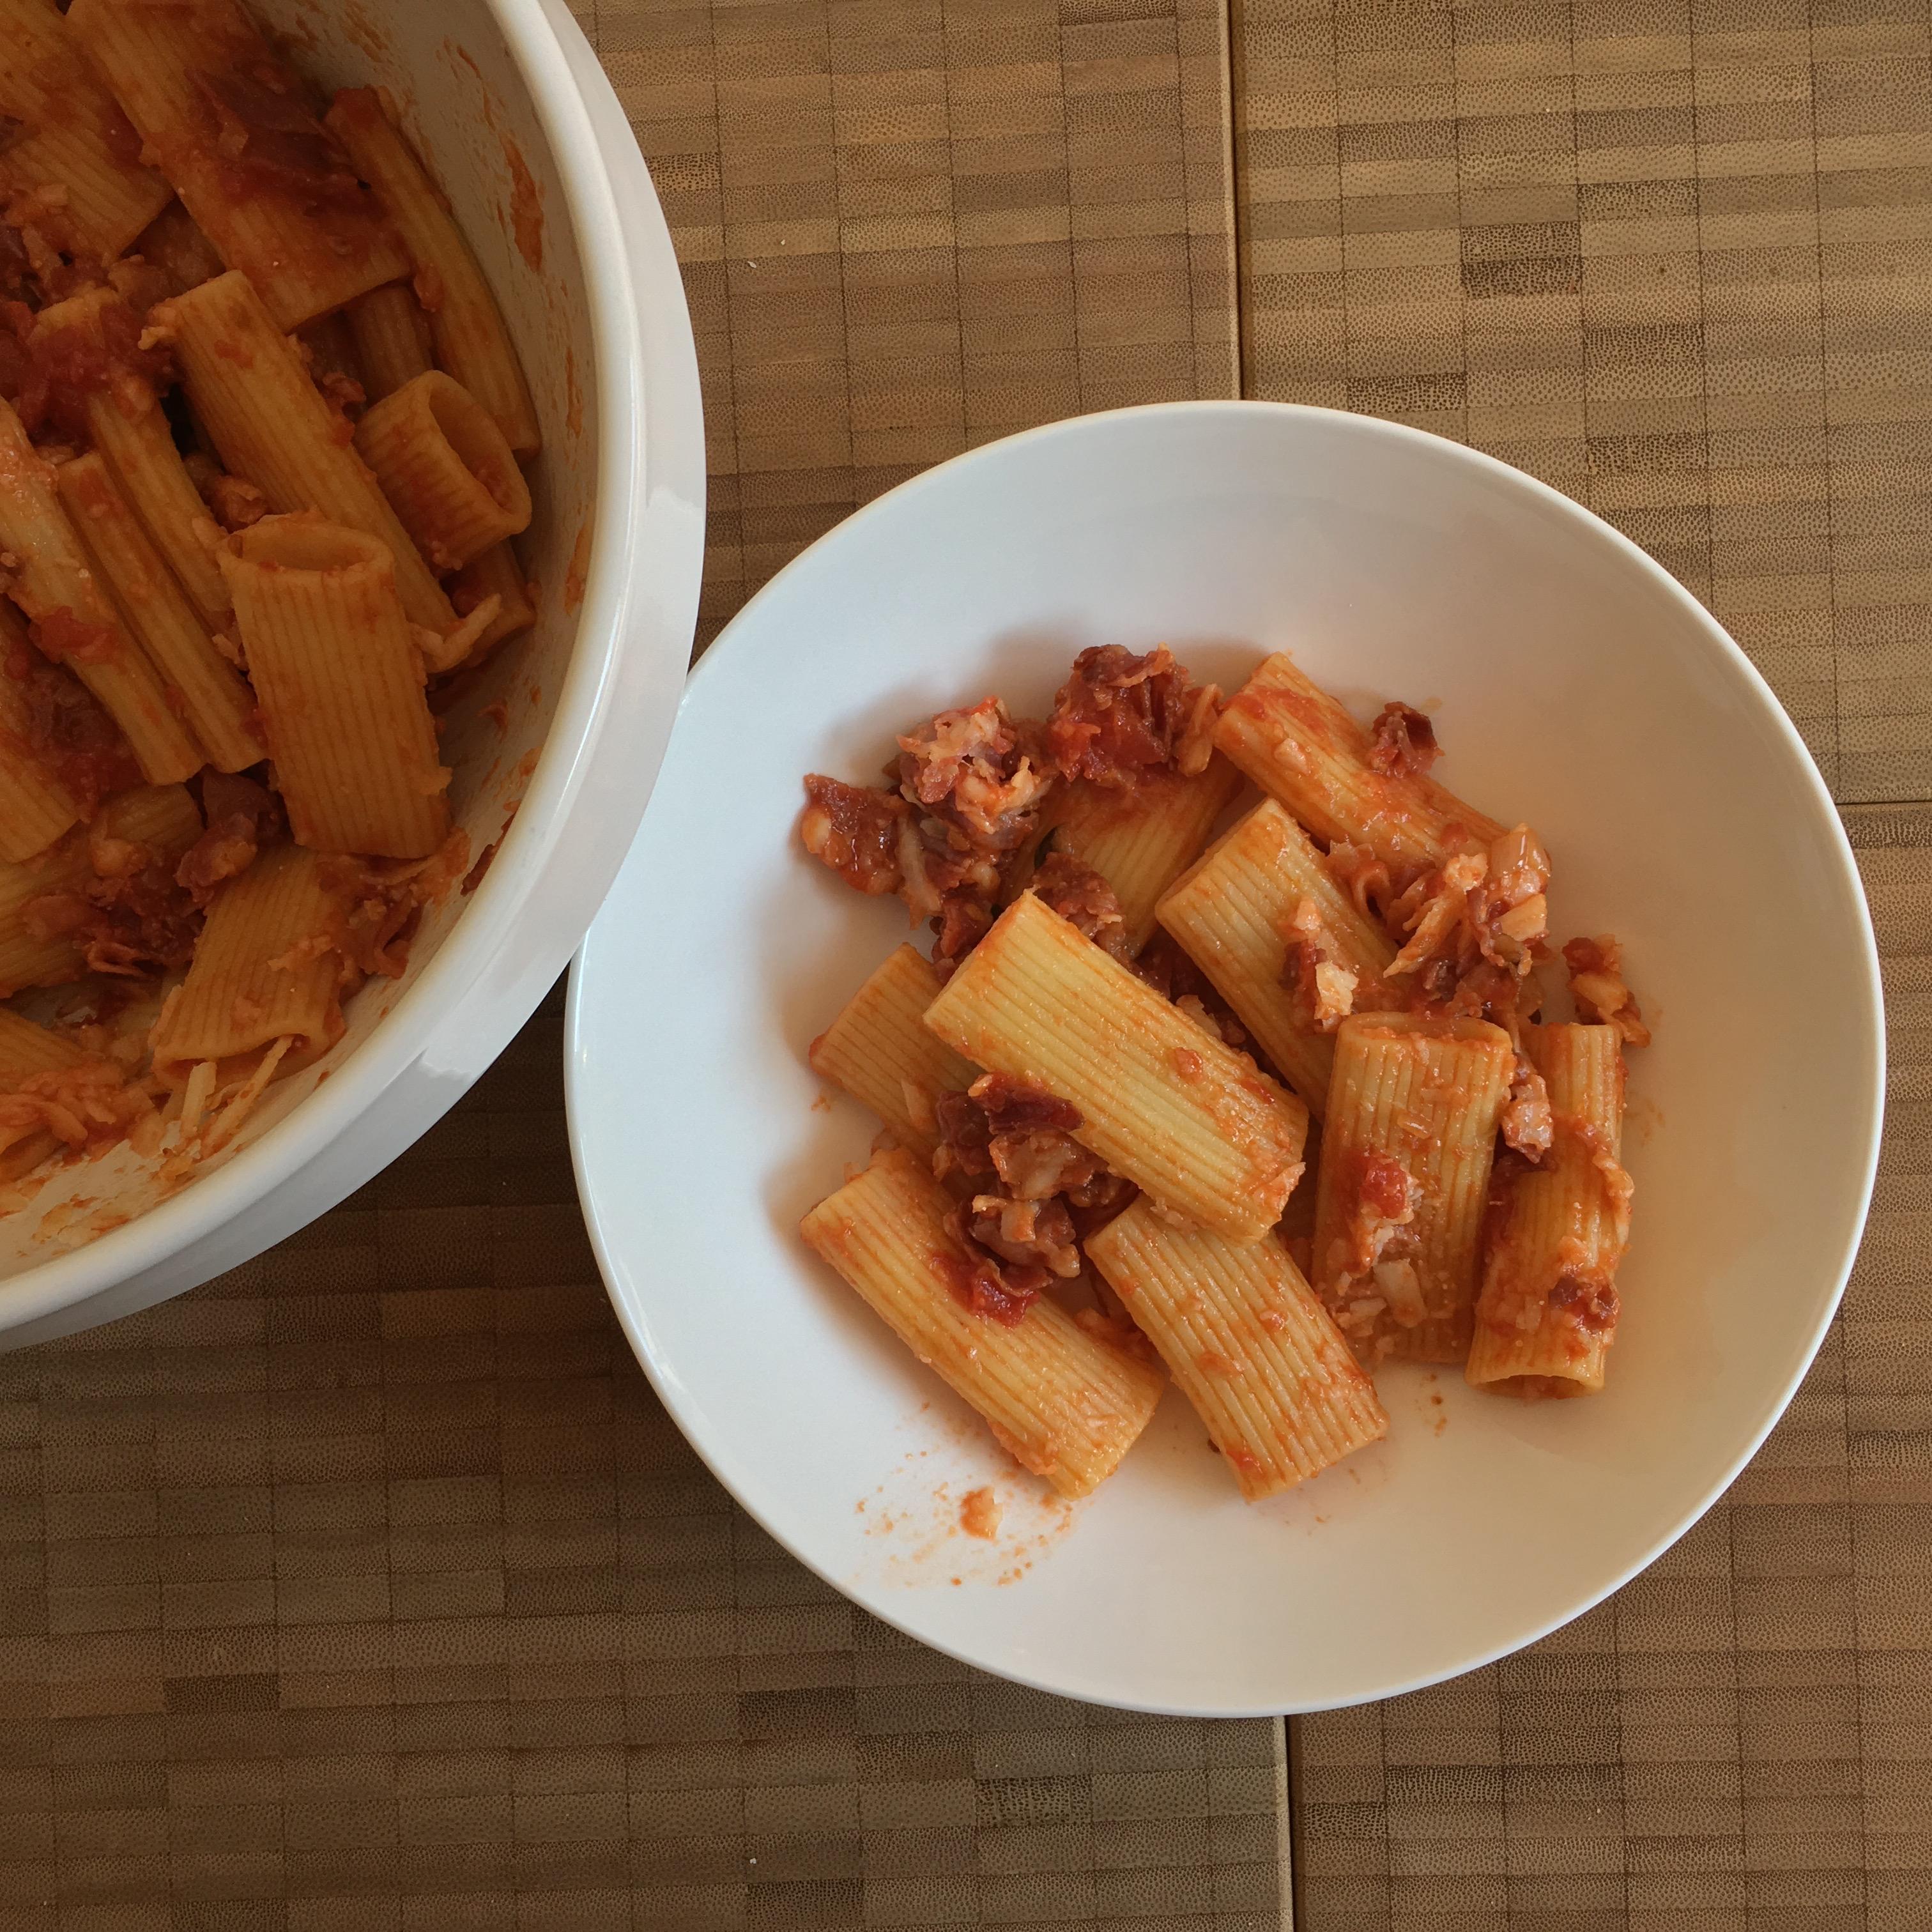 eleonora's pasta all'amatriciana